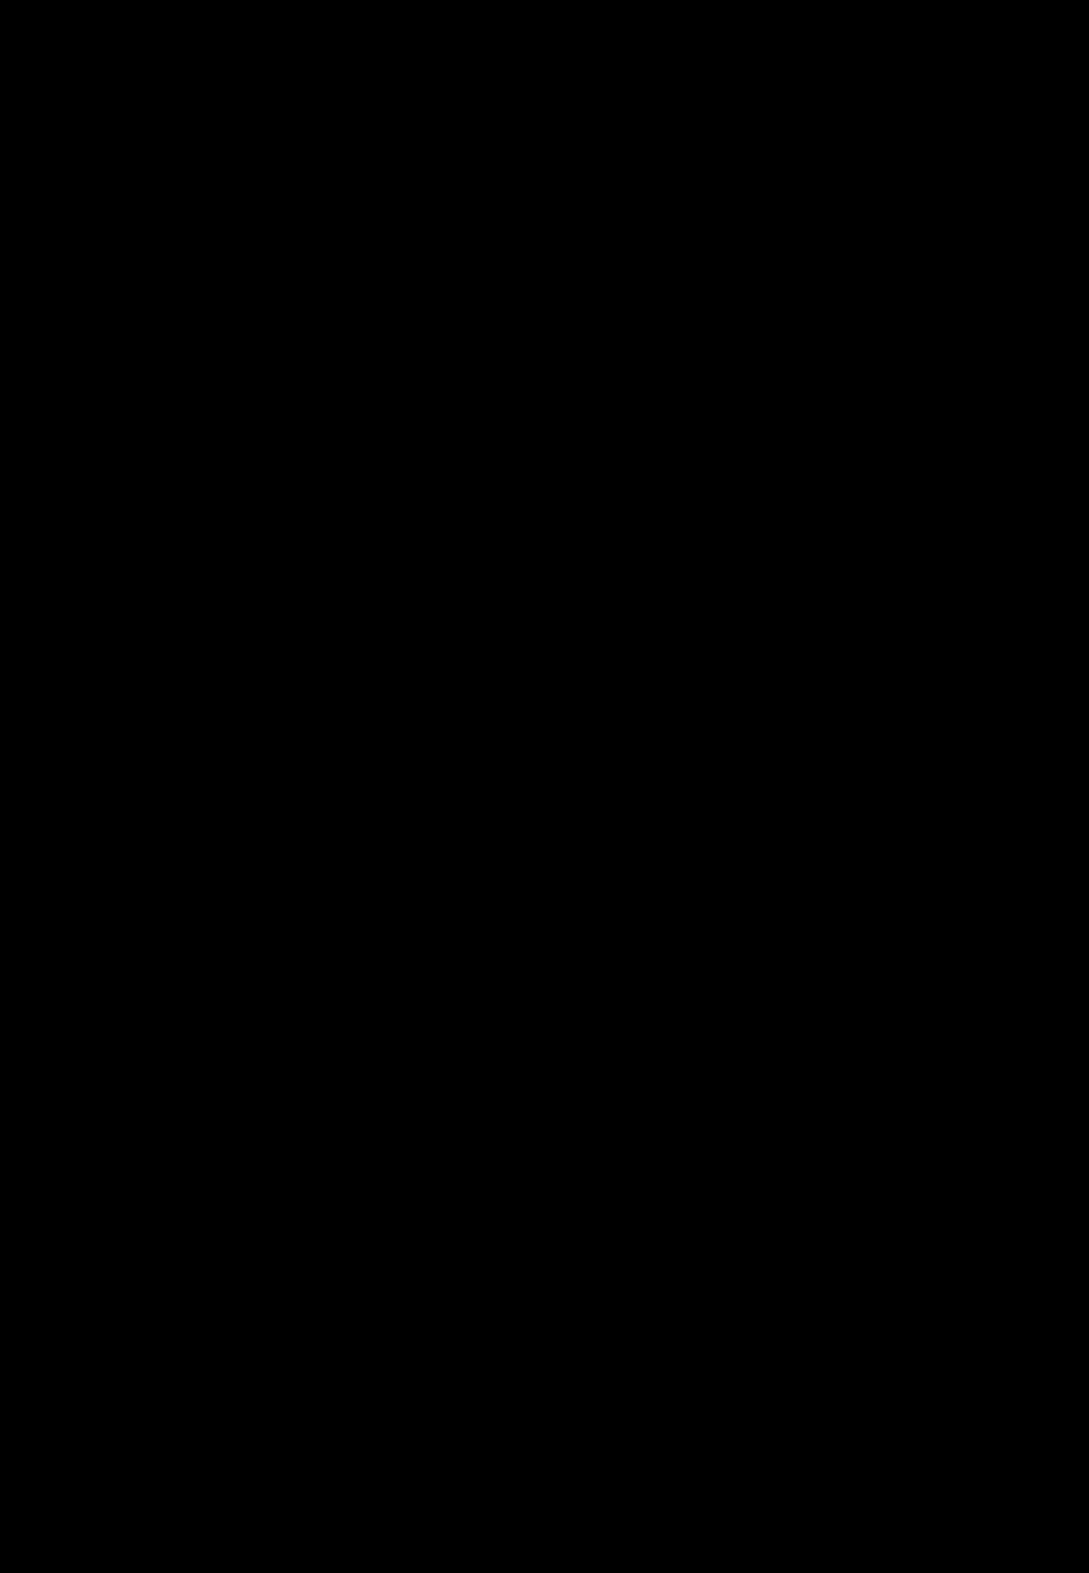 Aktstudie 49×52